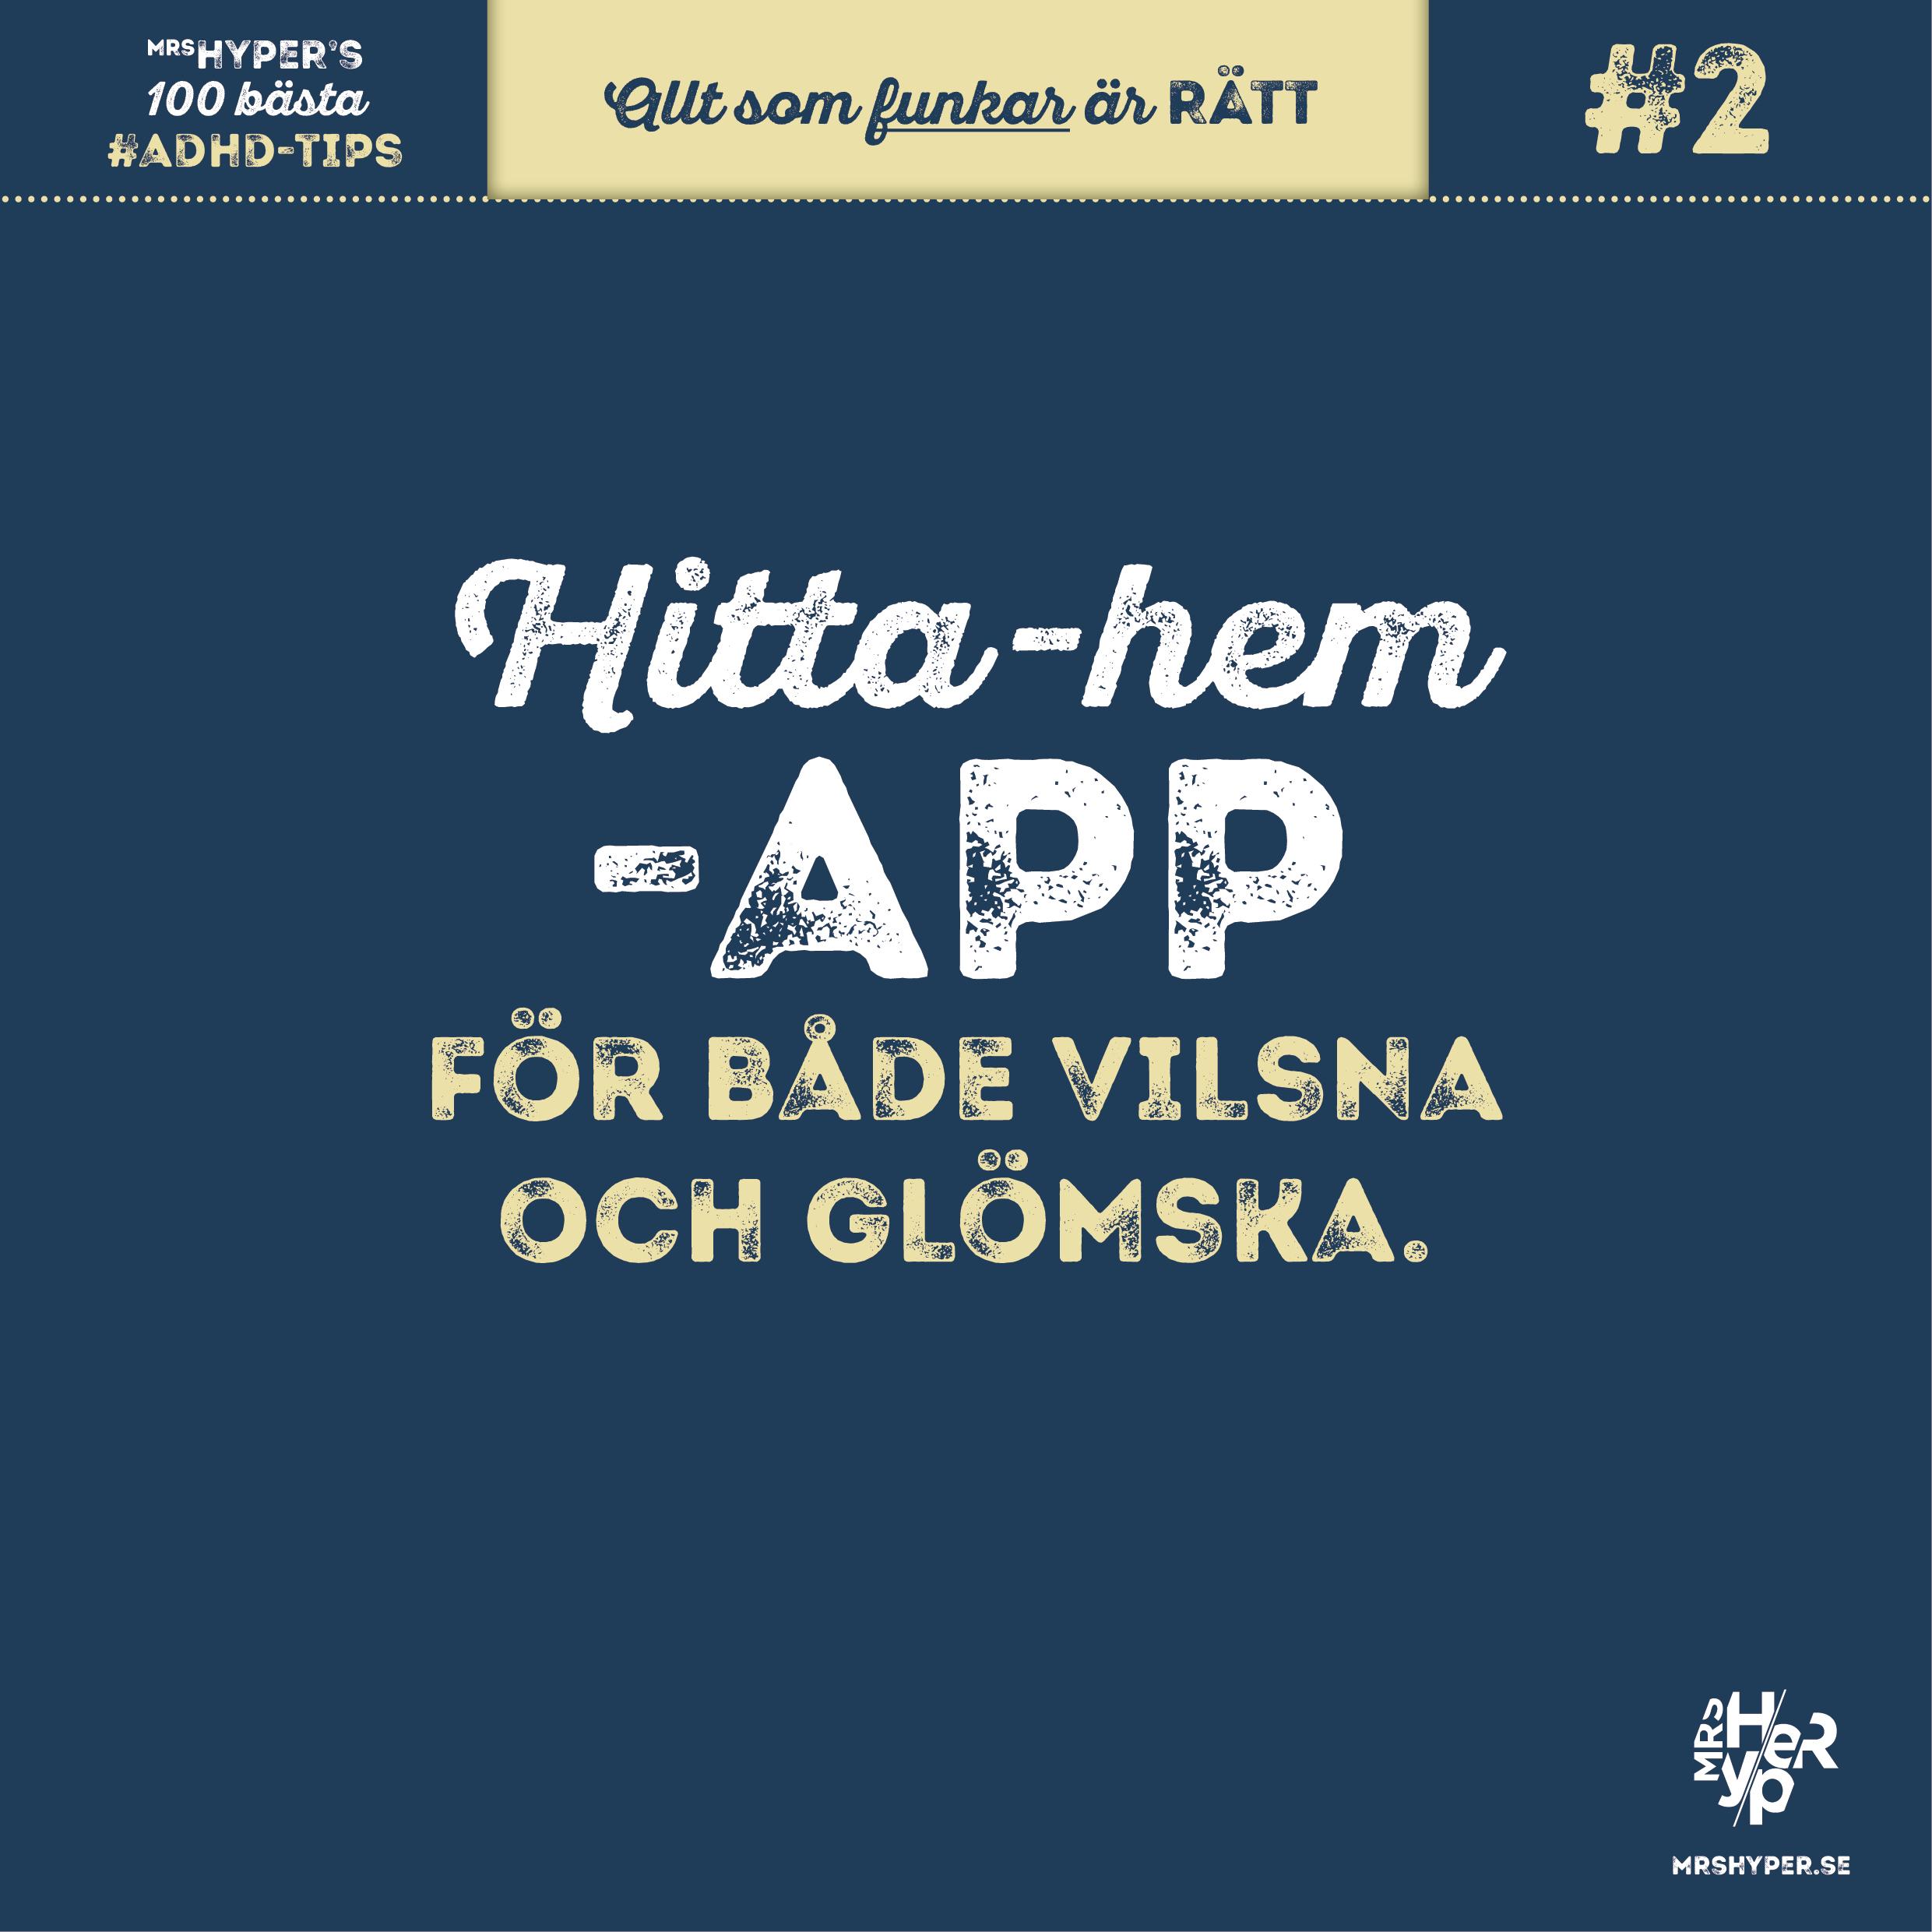 ADHD-TIPS #2. Hitta-hem-app